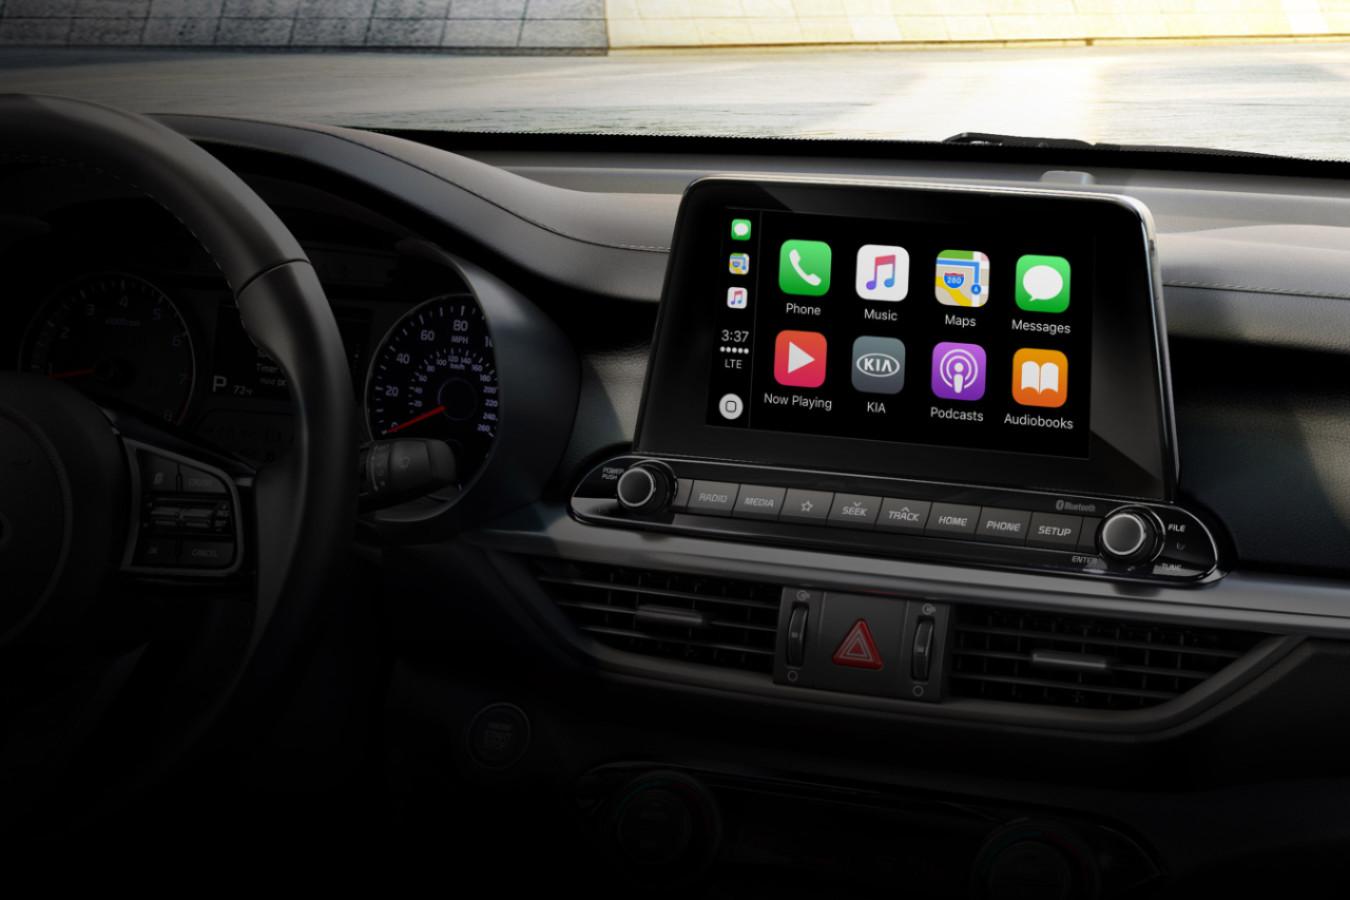 2020 Kia Forte Touchscreen